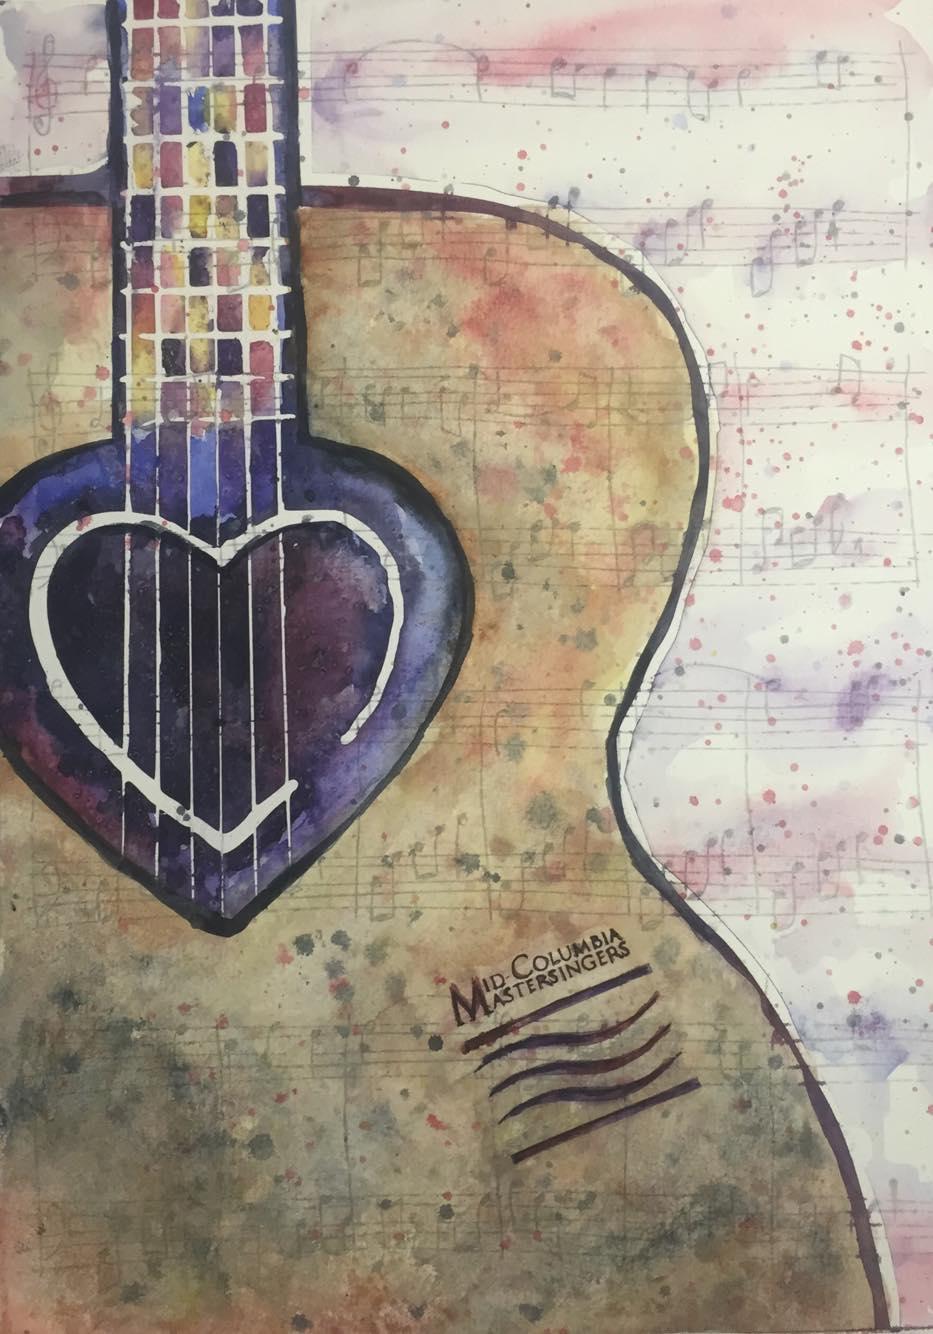 Heart of Music.jpg